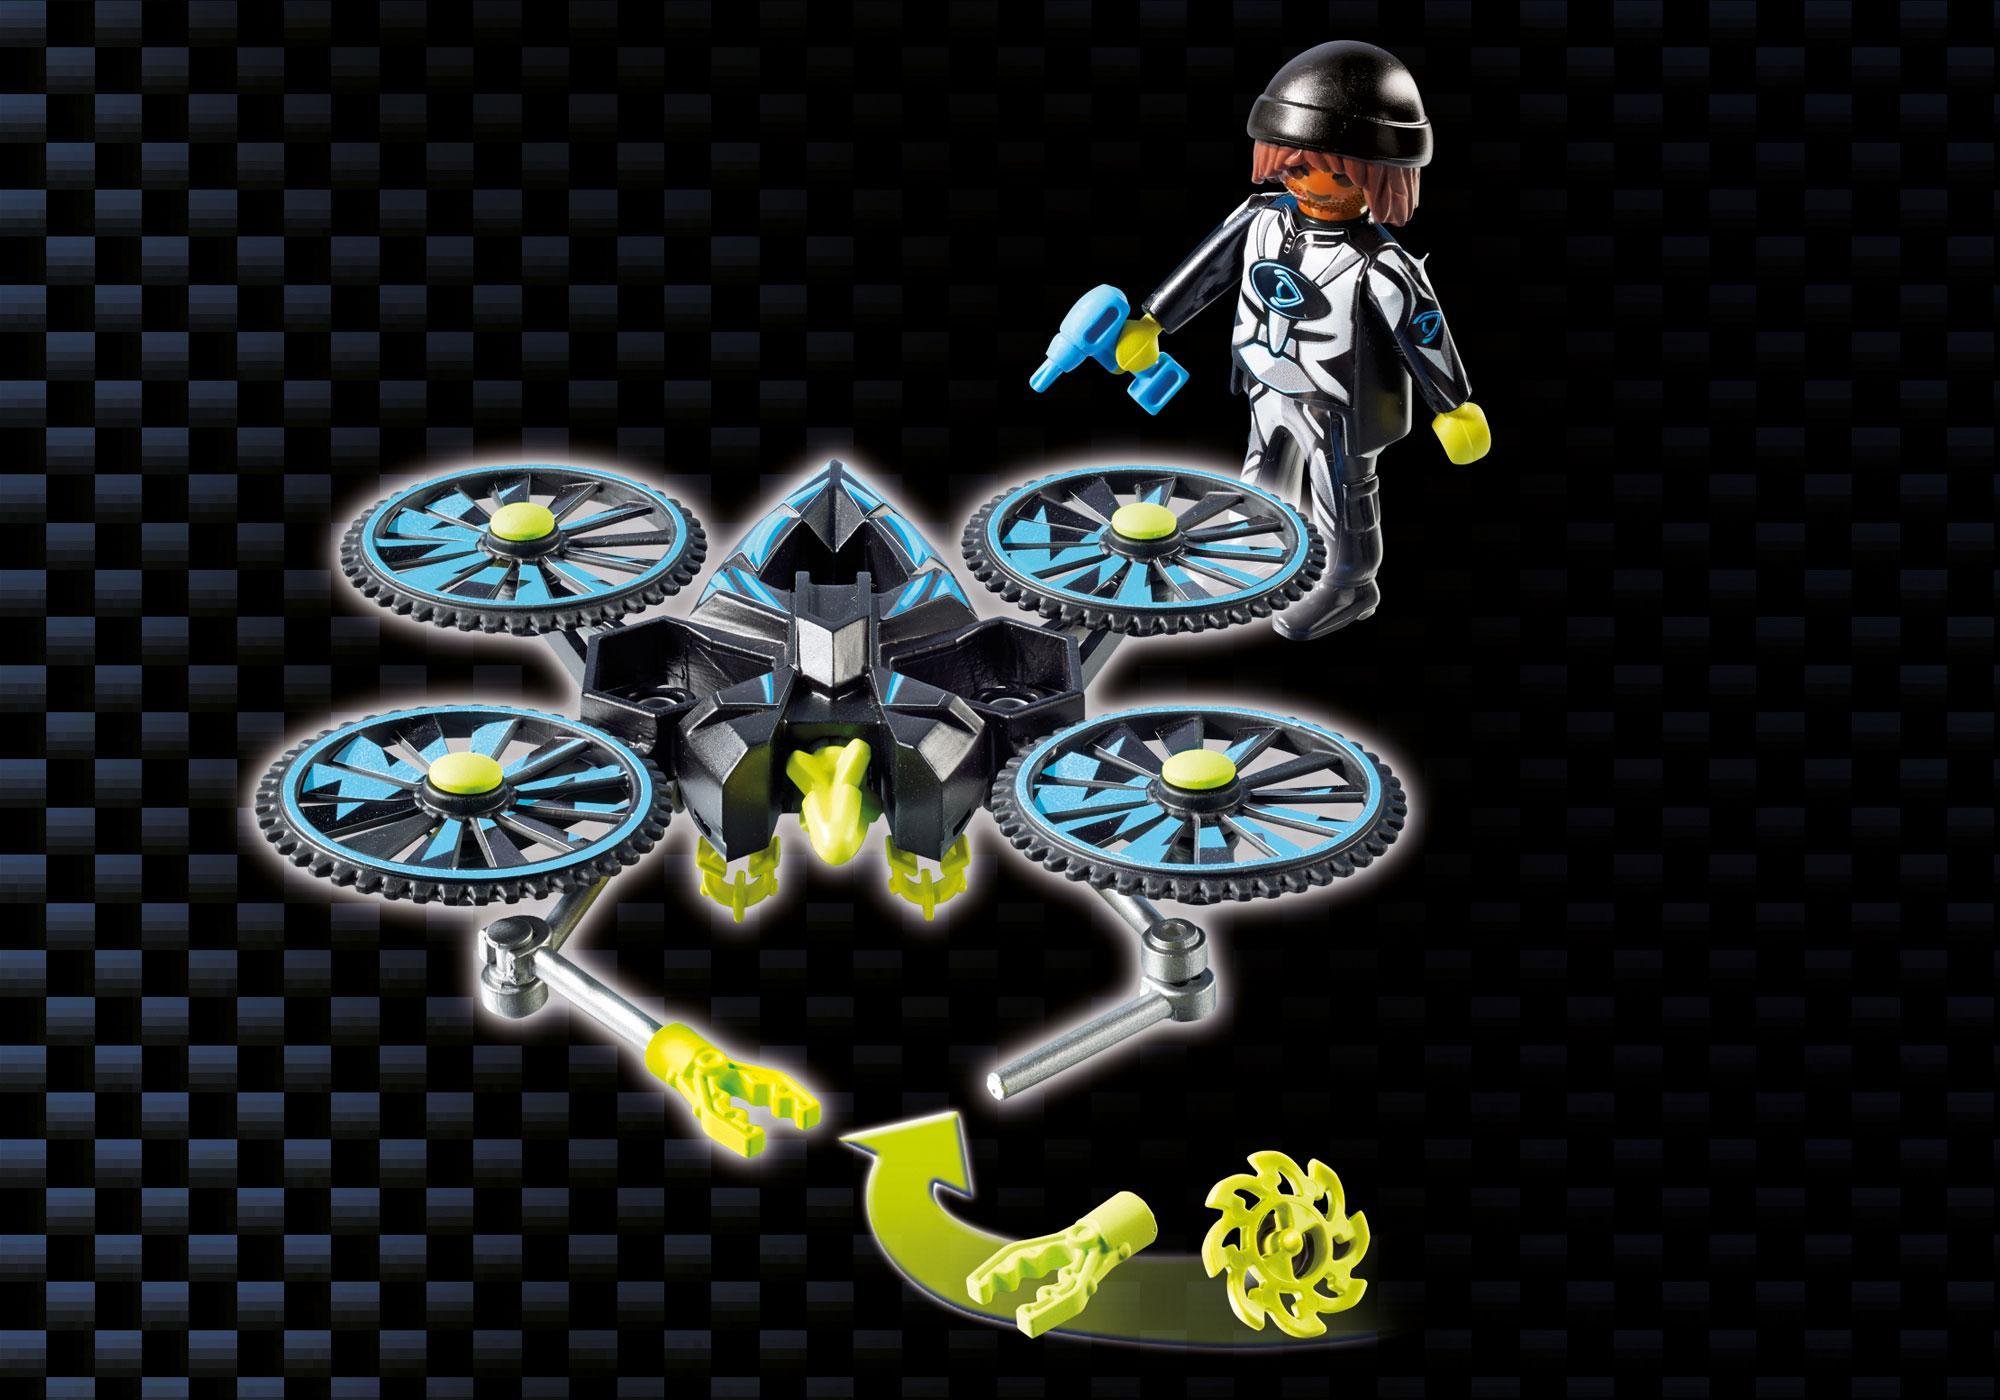 http://media.playmobil.com/i/playmobil/9250_product_extra5/Centrum dowodzenia Dr. Drone'a